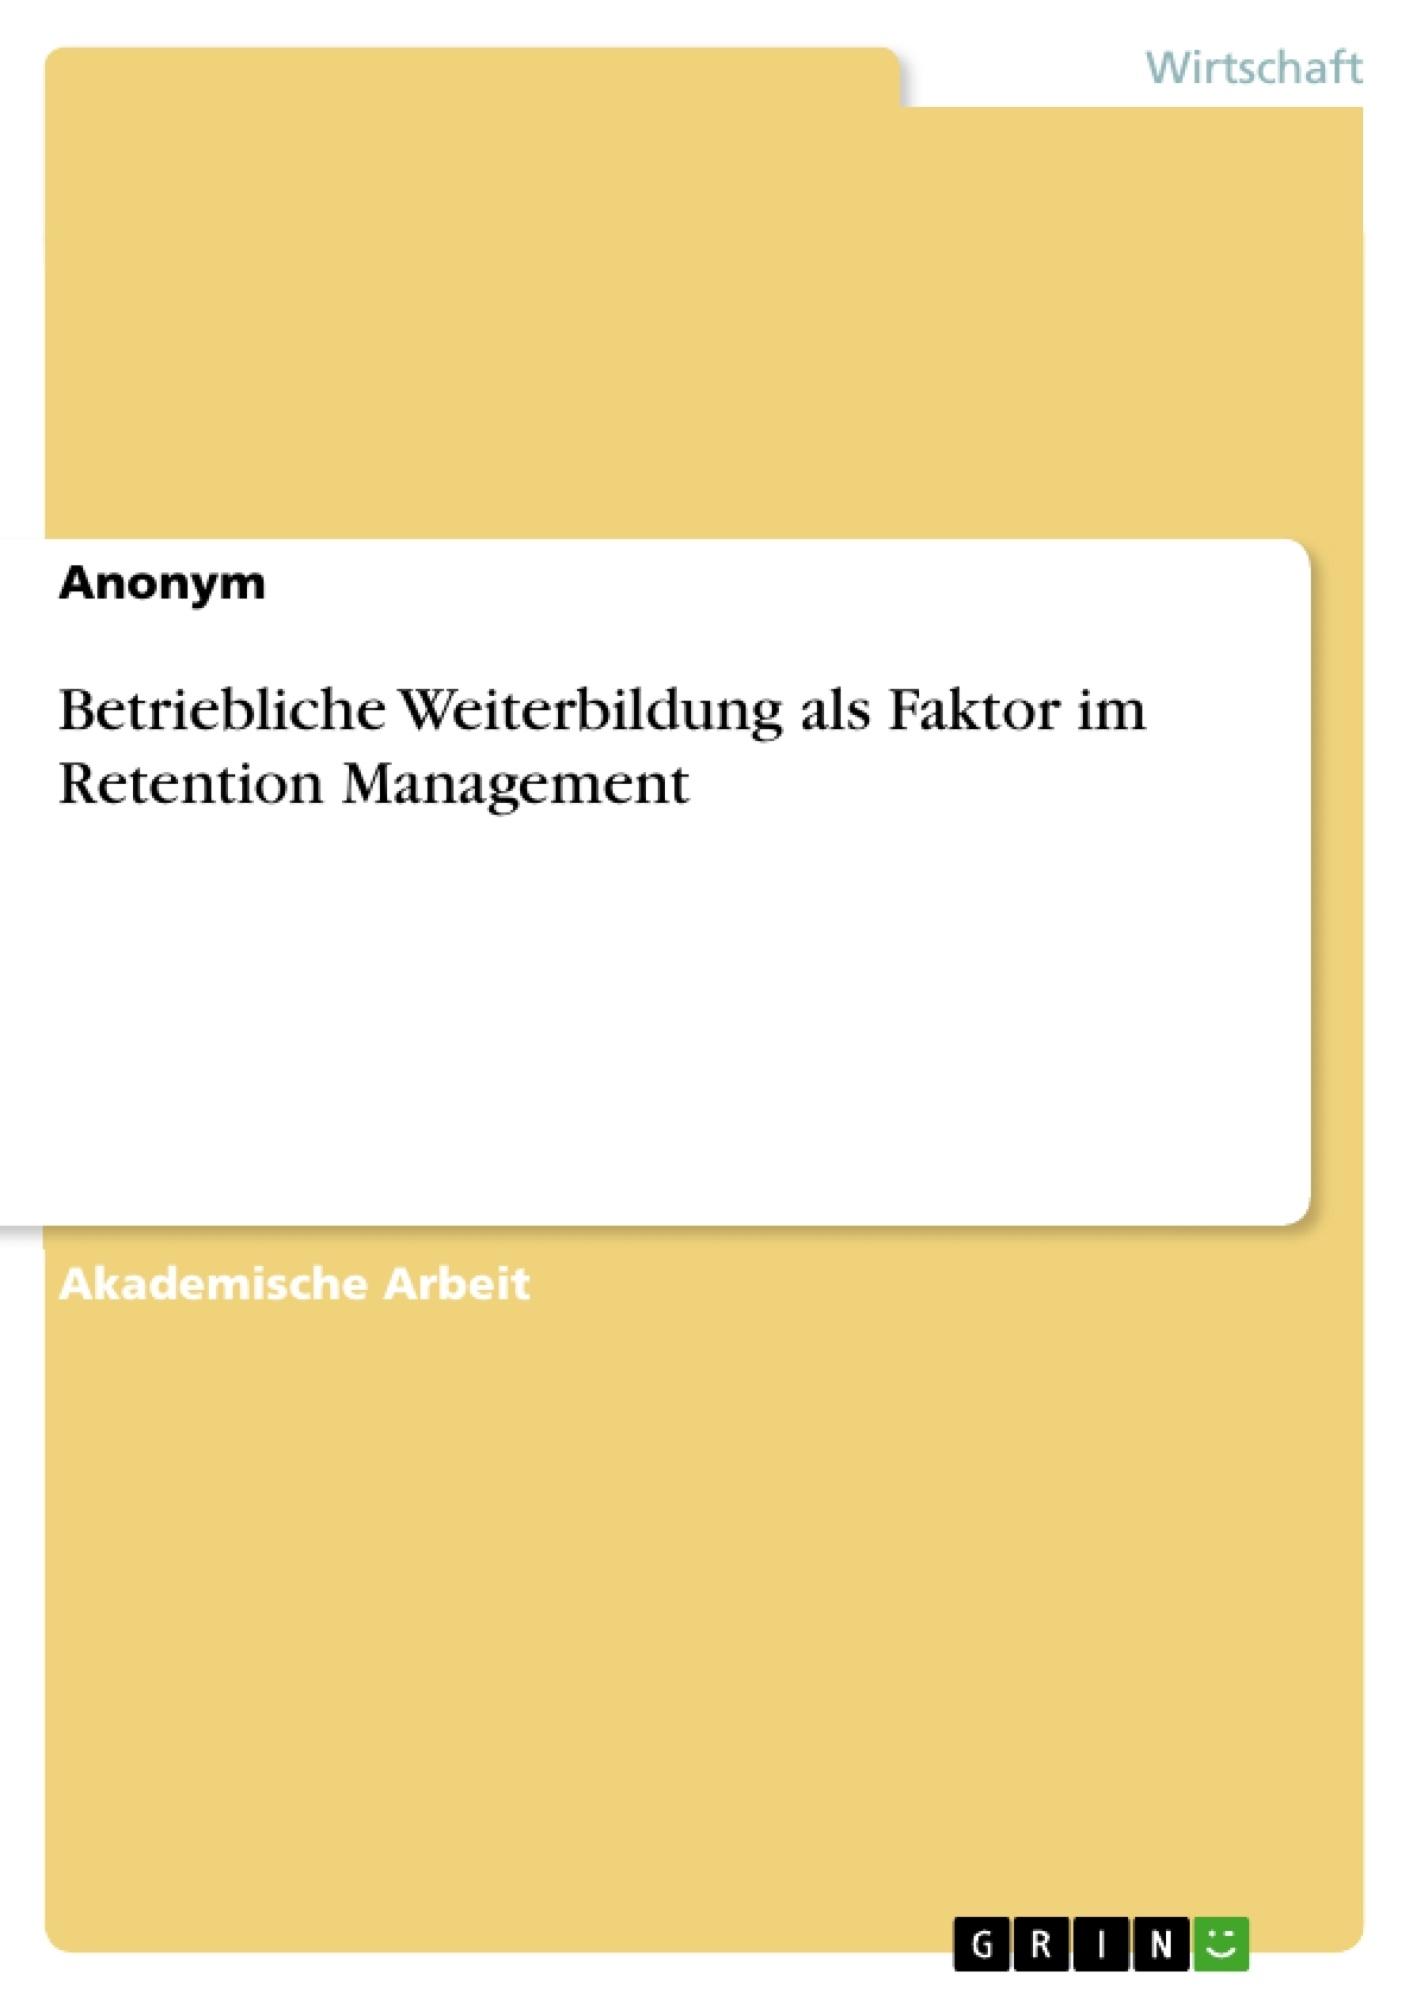 Titel: Betriebliche Weiterbildung als Faktor im Retention Management